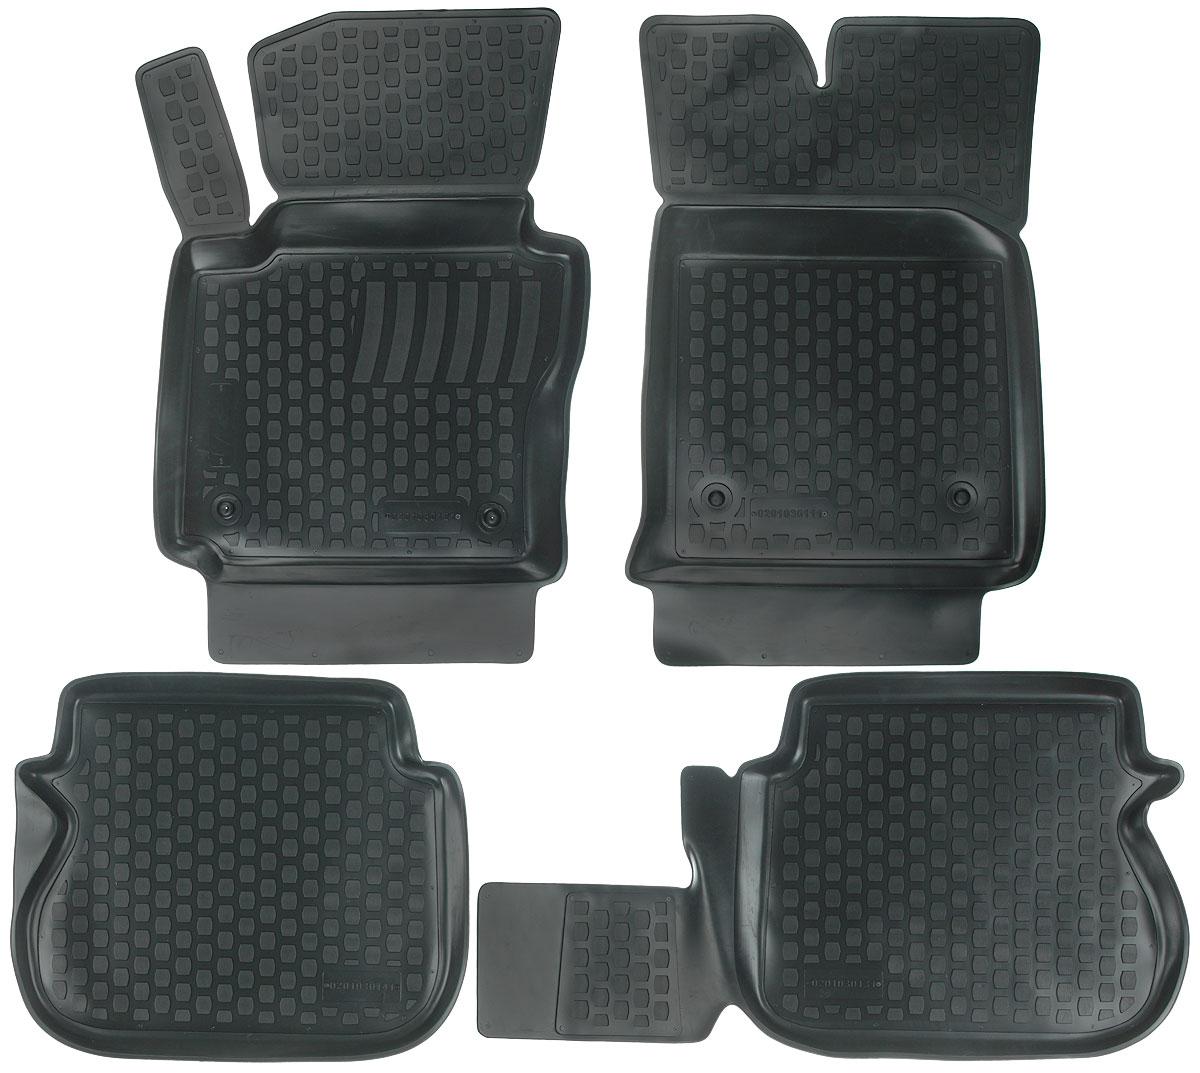 Набор автомобильных ковриков L.Locker Volkswagen Caddy 2004, в салон, 4 штVT-1520(SR)Набор L.Locker Volkswagen Caddy 2004, изготовленный из полиуретана,состоит из 4 ковриков,которые производятся индивидуально для каждой моделиавтомобиля. Изделие точно повторяет геометрию пола автомобиля, имеет высокийборт, обладает повышенной износоустойчивостью, лишено резкого запаха и сохраняет своипотребительские свойства в широком диапазоне температур от -50°С до +50°С.Комплектация: 4 шт.Размер ковриков: 84 см х 54 см; 58 см х 50 см; 90 см х 49 см; 82 см х 51 см.